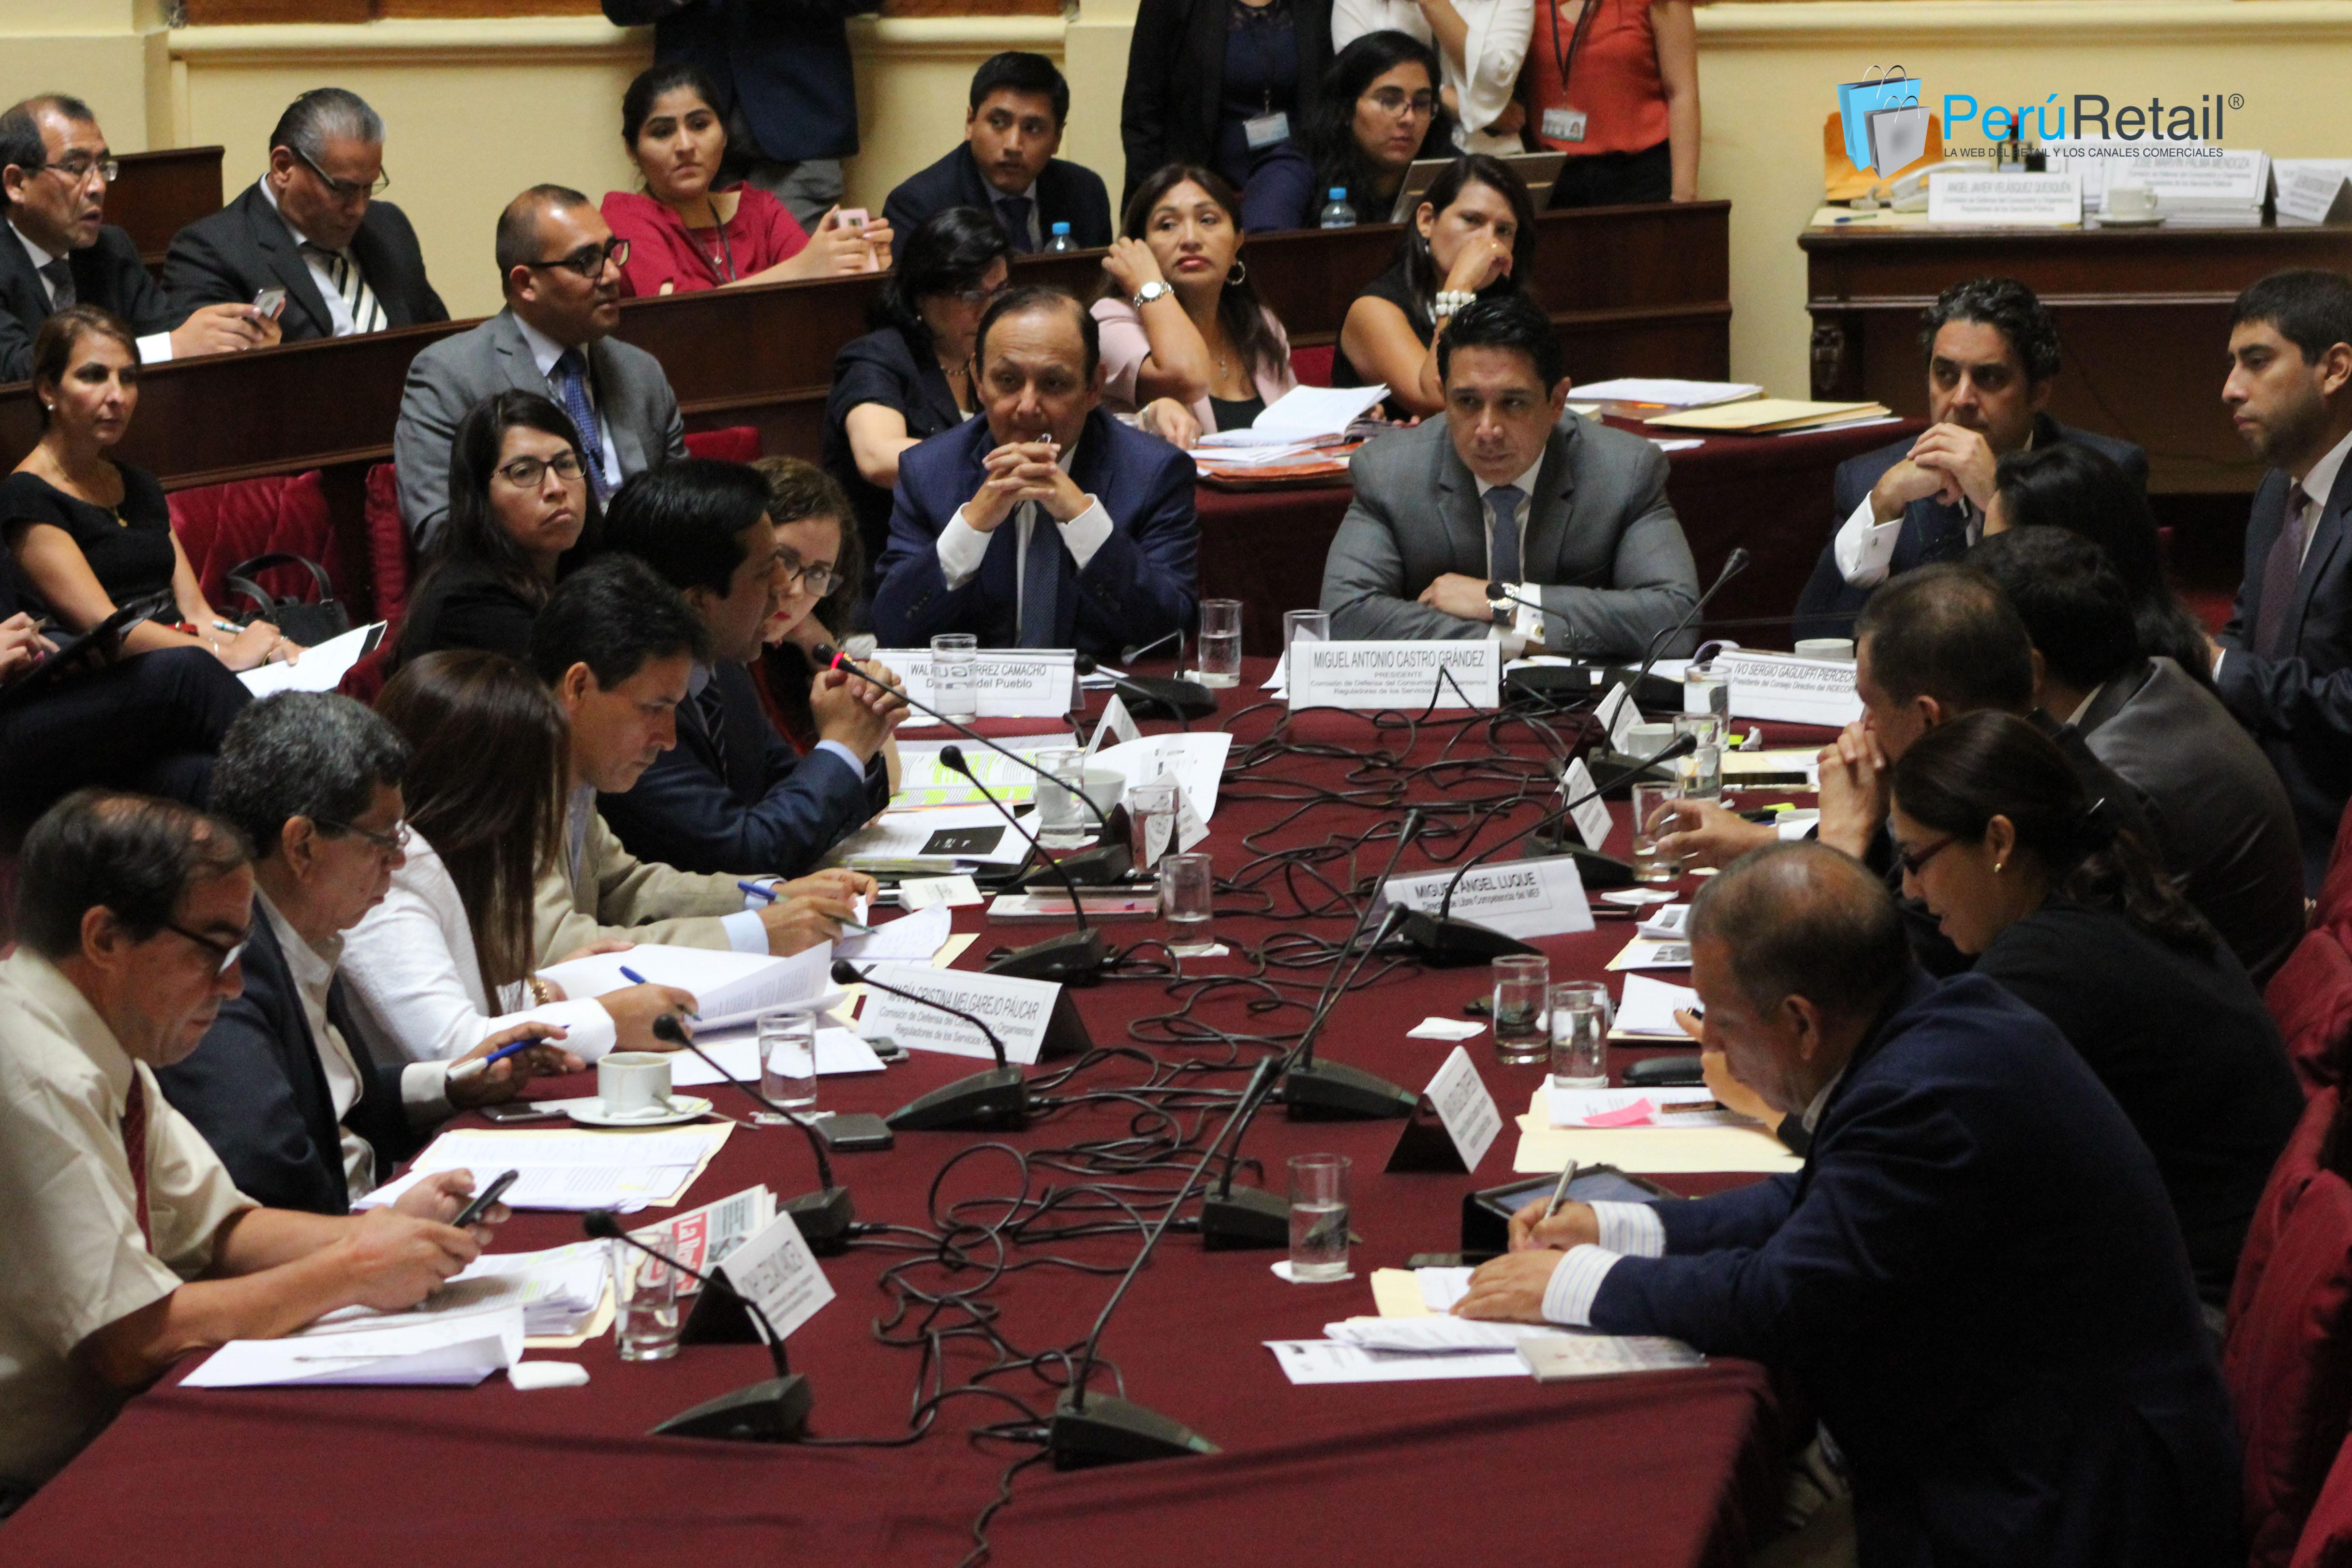 congreso1 - Congreso acelerará debatir una ley de control de fusiones, tras caso Inkafarma